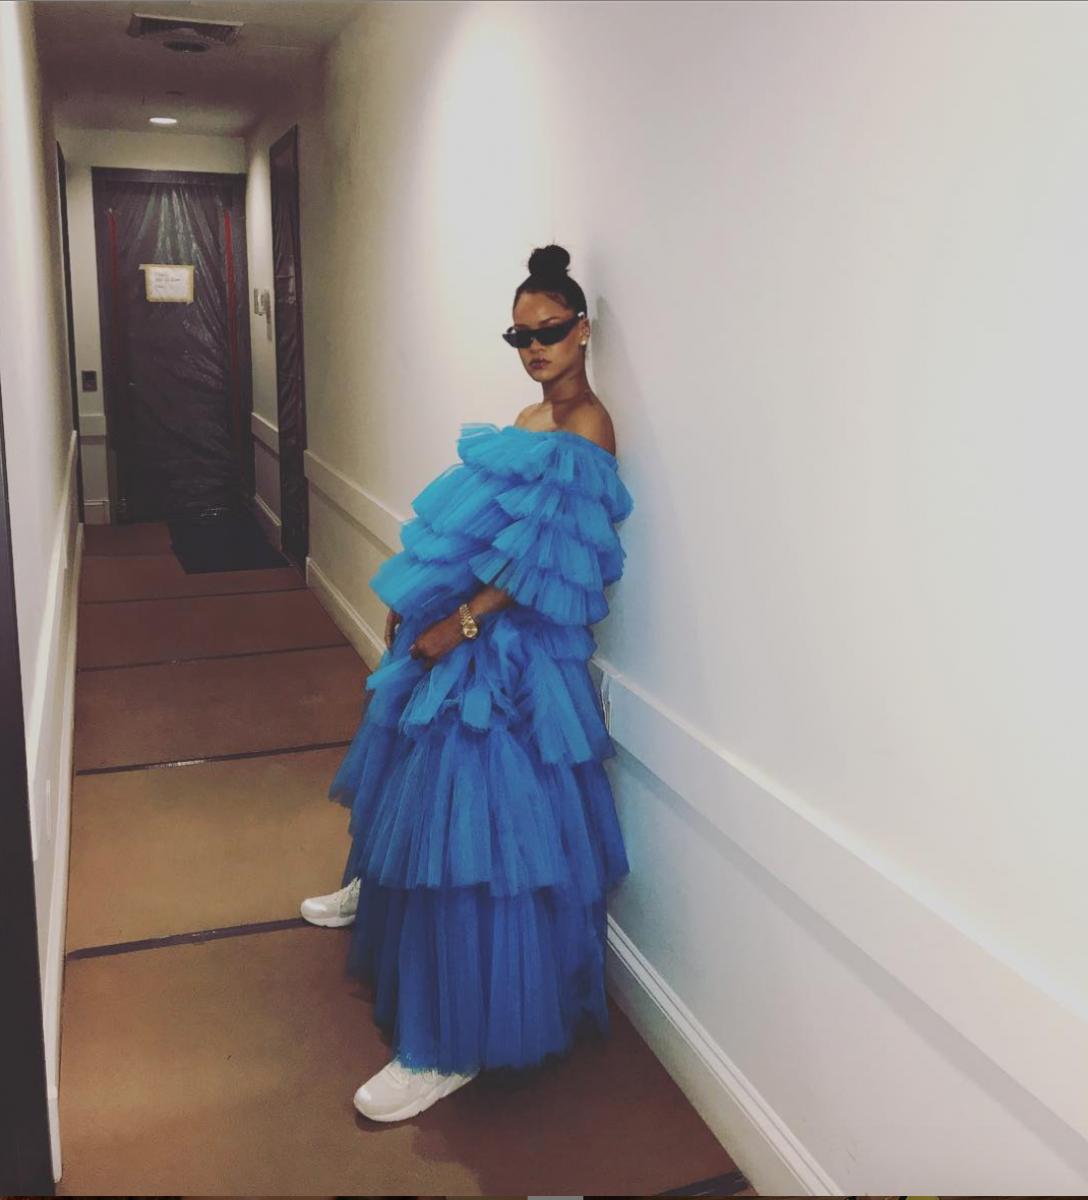 2017年、目を見張るようなボリューム感のある青いドレスに白のスニーカーを合わせたリアーナ。ここまで華やかなドレスをカジュアルに落とし込むテクニックは、お見事! 独自のスタイルを確立させたことを裏付けるような着こなしに。